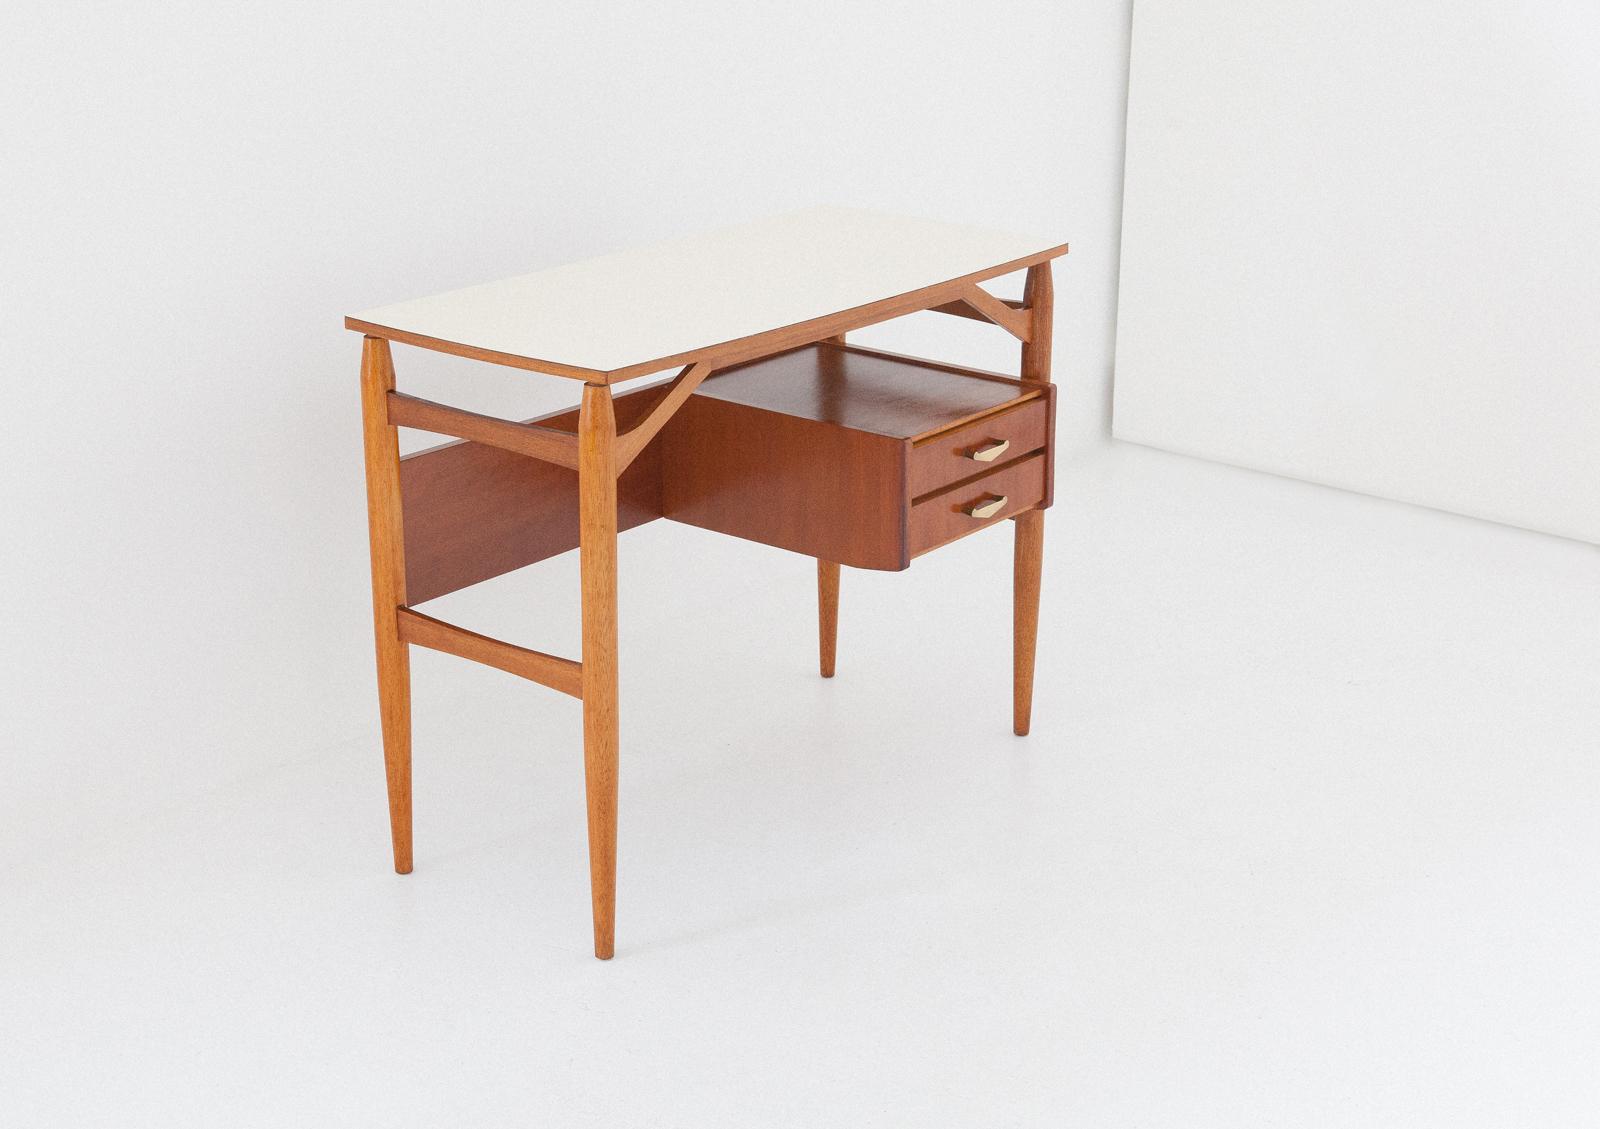 1950s-italian-little-desk-5-DT31